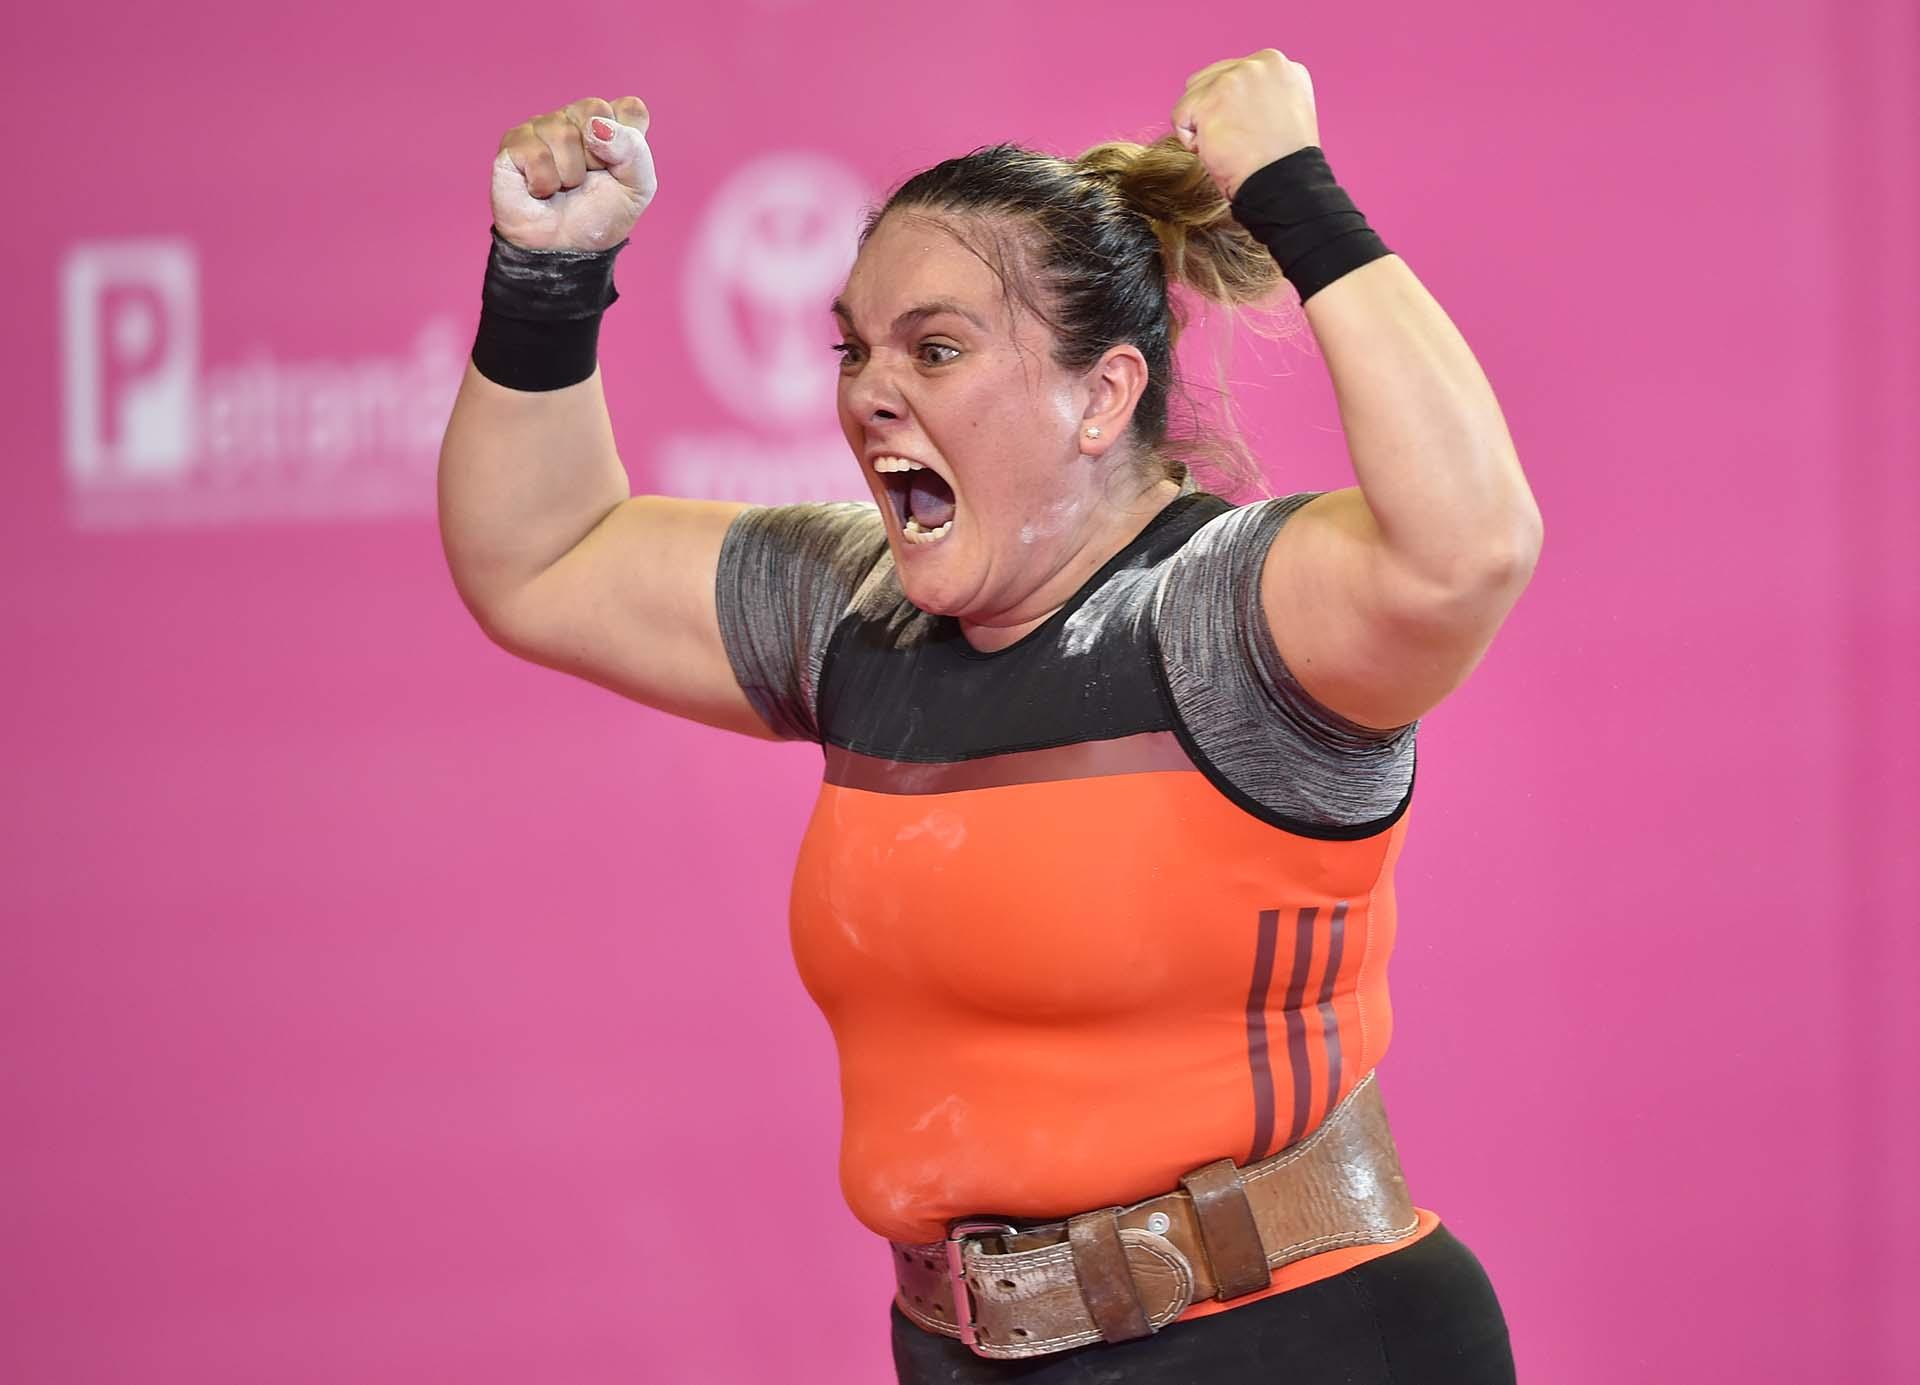 La pesista chilena María Fernanda Valdés festeja luego de ganar su grupo. (Photo by Cris BOURONCLE / AFP)